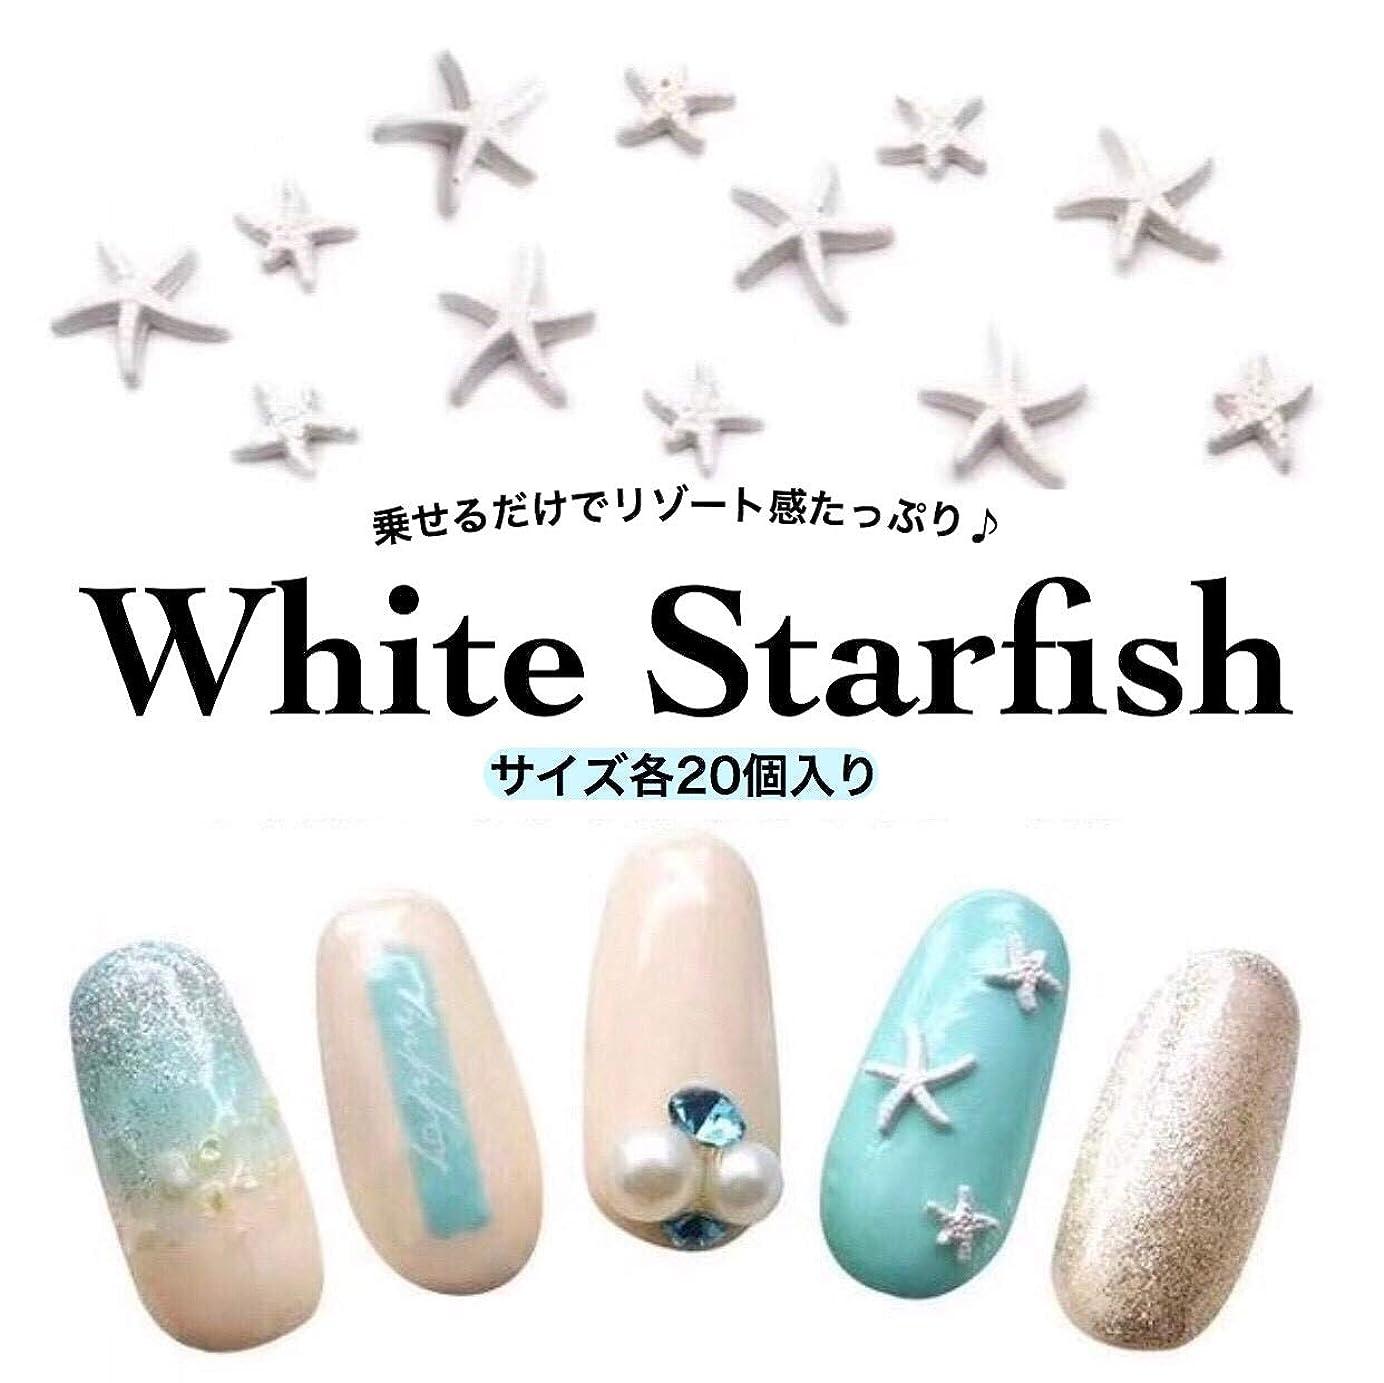 【ネイルウーマン】ホワイトスターフィッシュ (4mm×5mm 小サイズ / 20個入り) リゾート ひとで 白 ネイルパーツ デコ